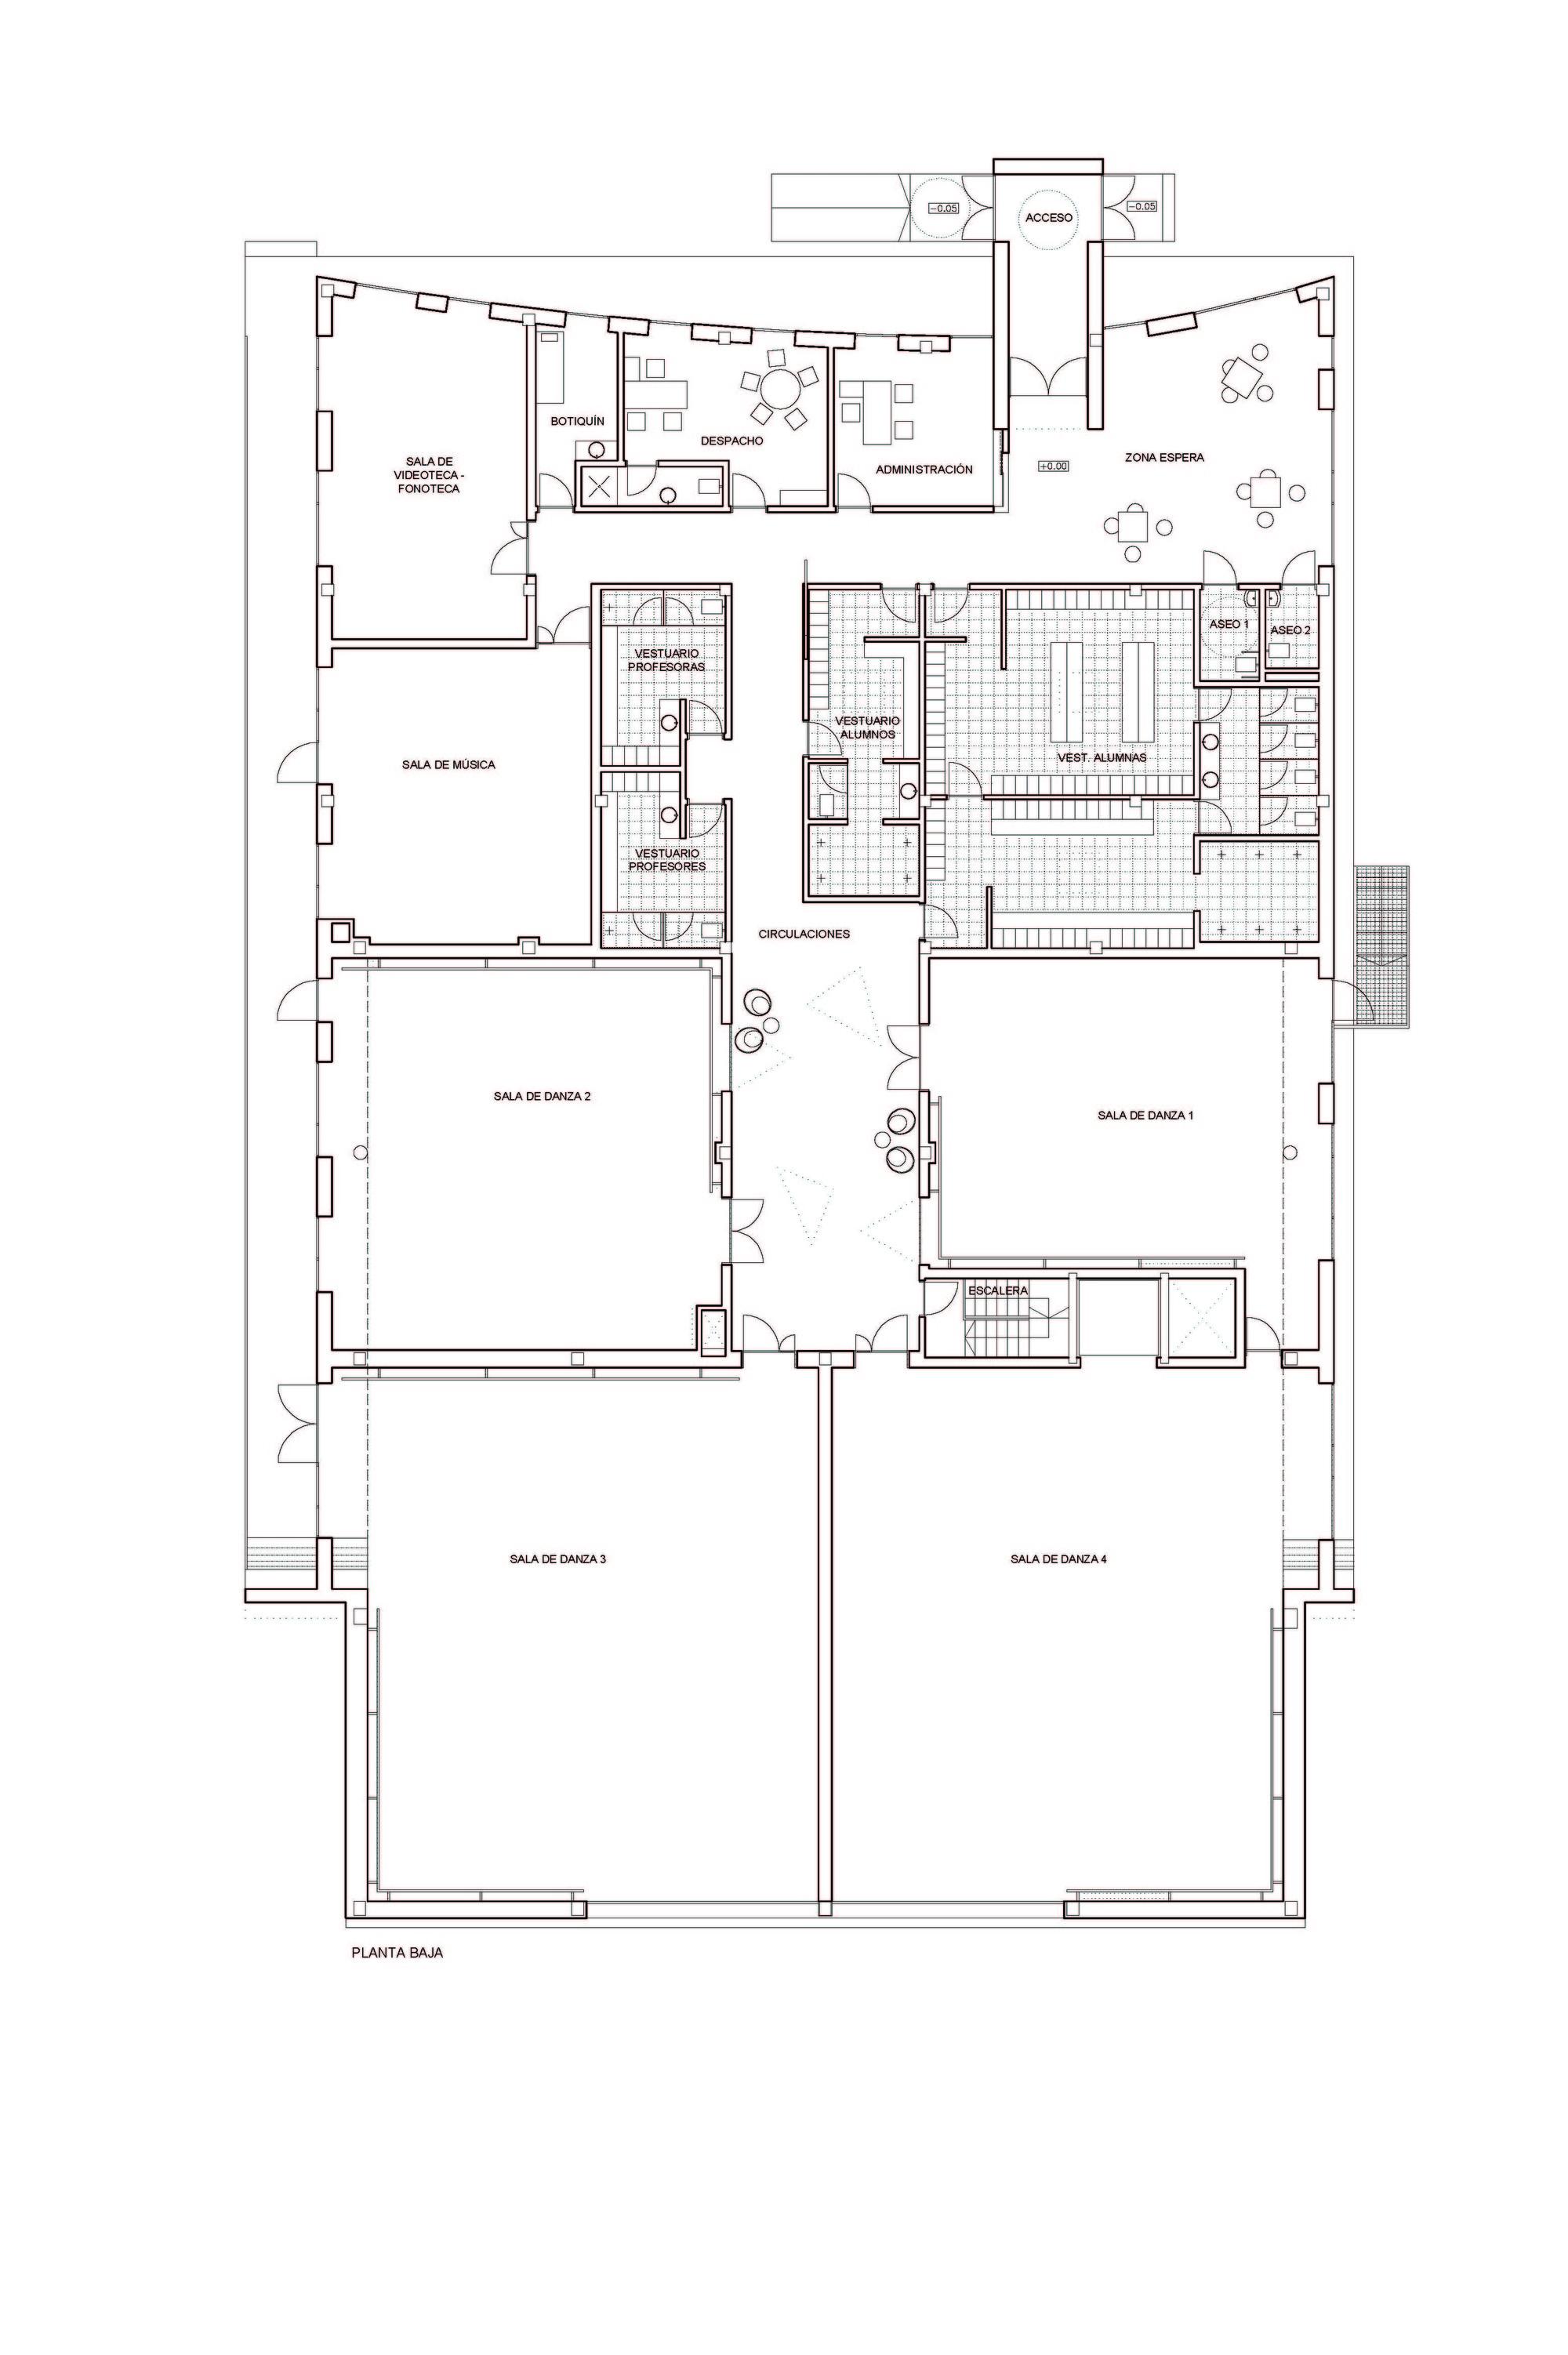 Galeria Escola de Dança em Oleiros / NAOS Arquitectura 32 #685449 2000 3004